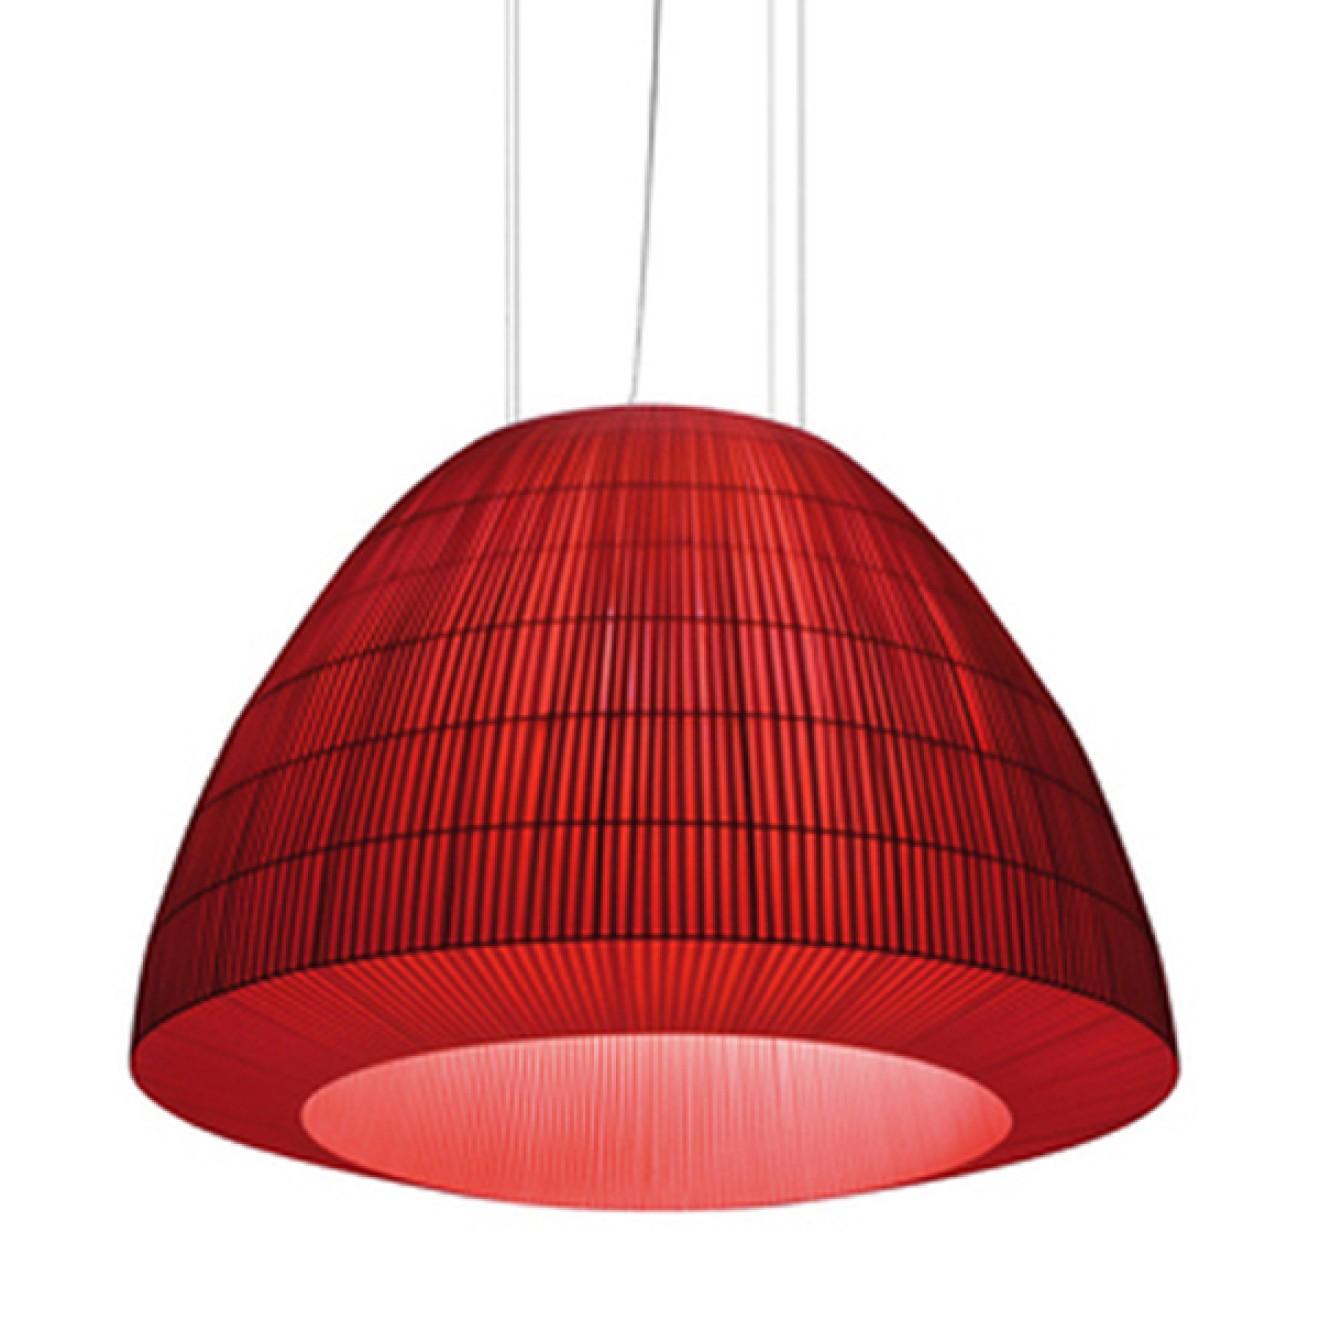 axo light - pendant lamp bell